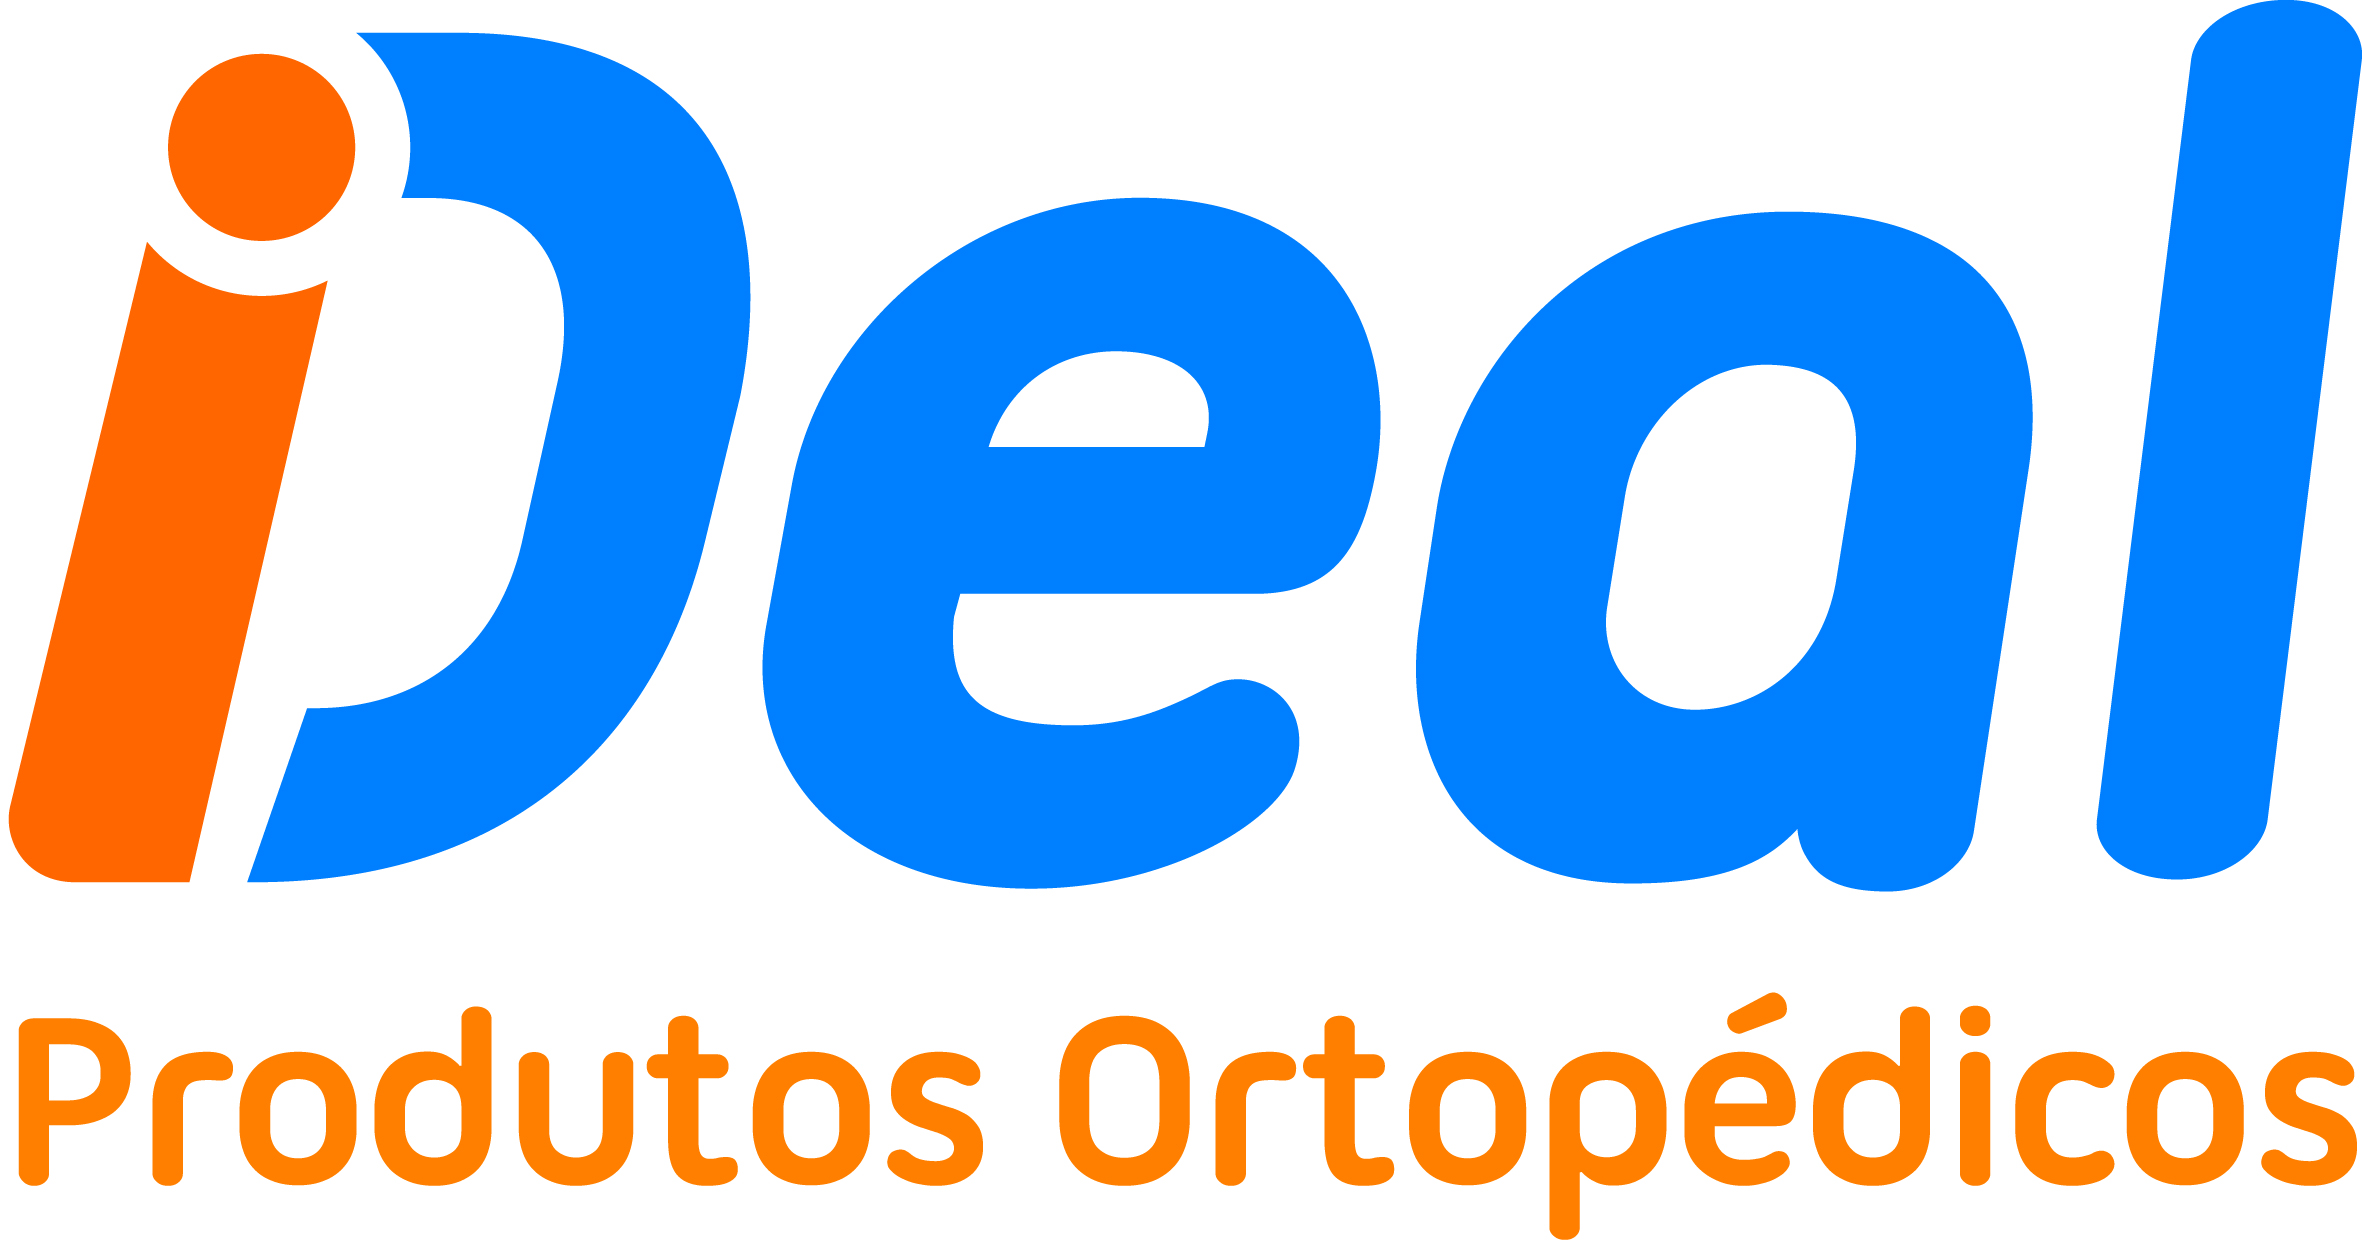 Ideal Produtos Ortopédicos.jpg